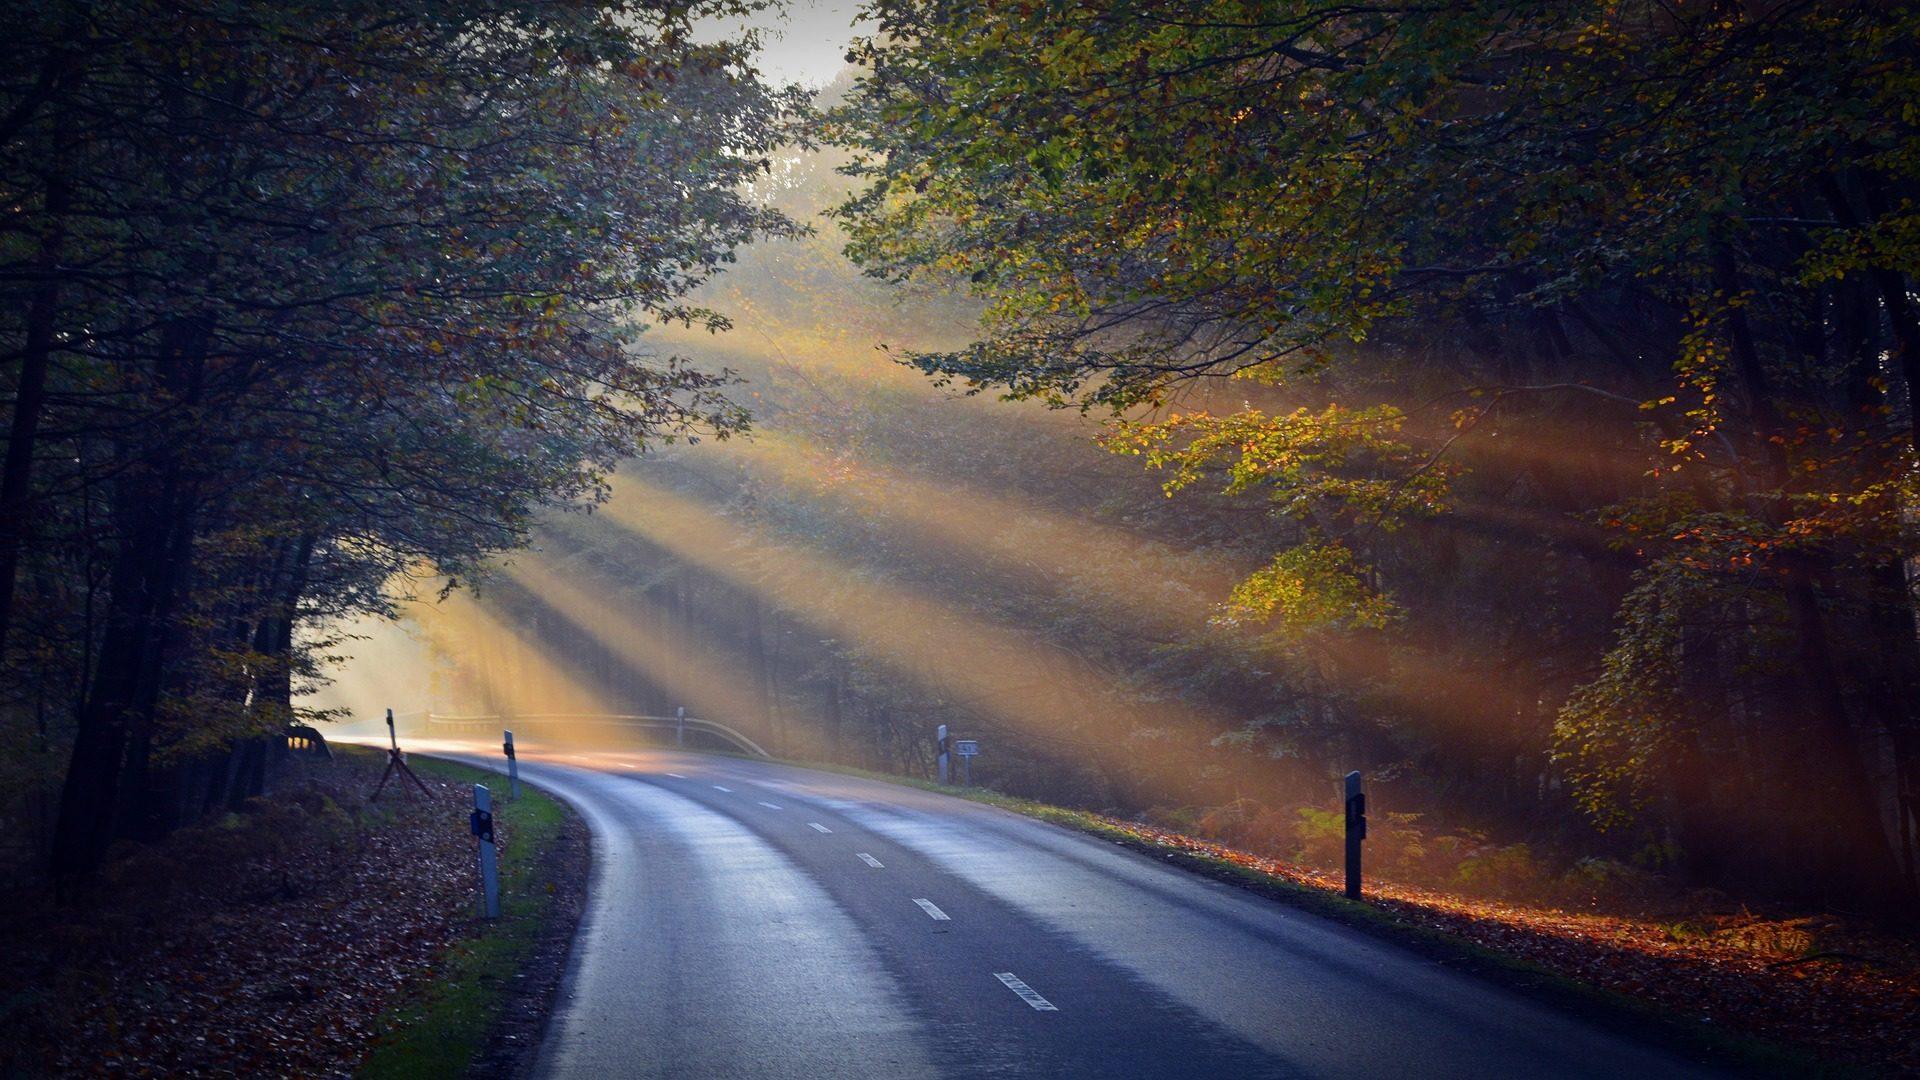 carretera, asfalto, bosque, rayos, sol, halos, luz - Fondos de Pantalla HD - professor-falken.com